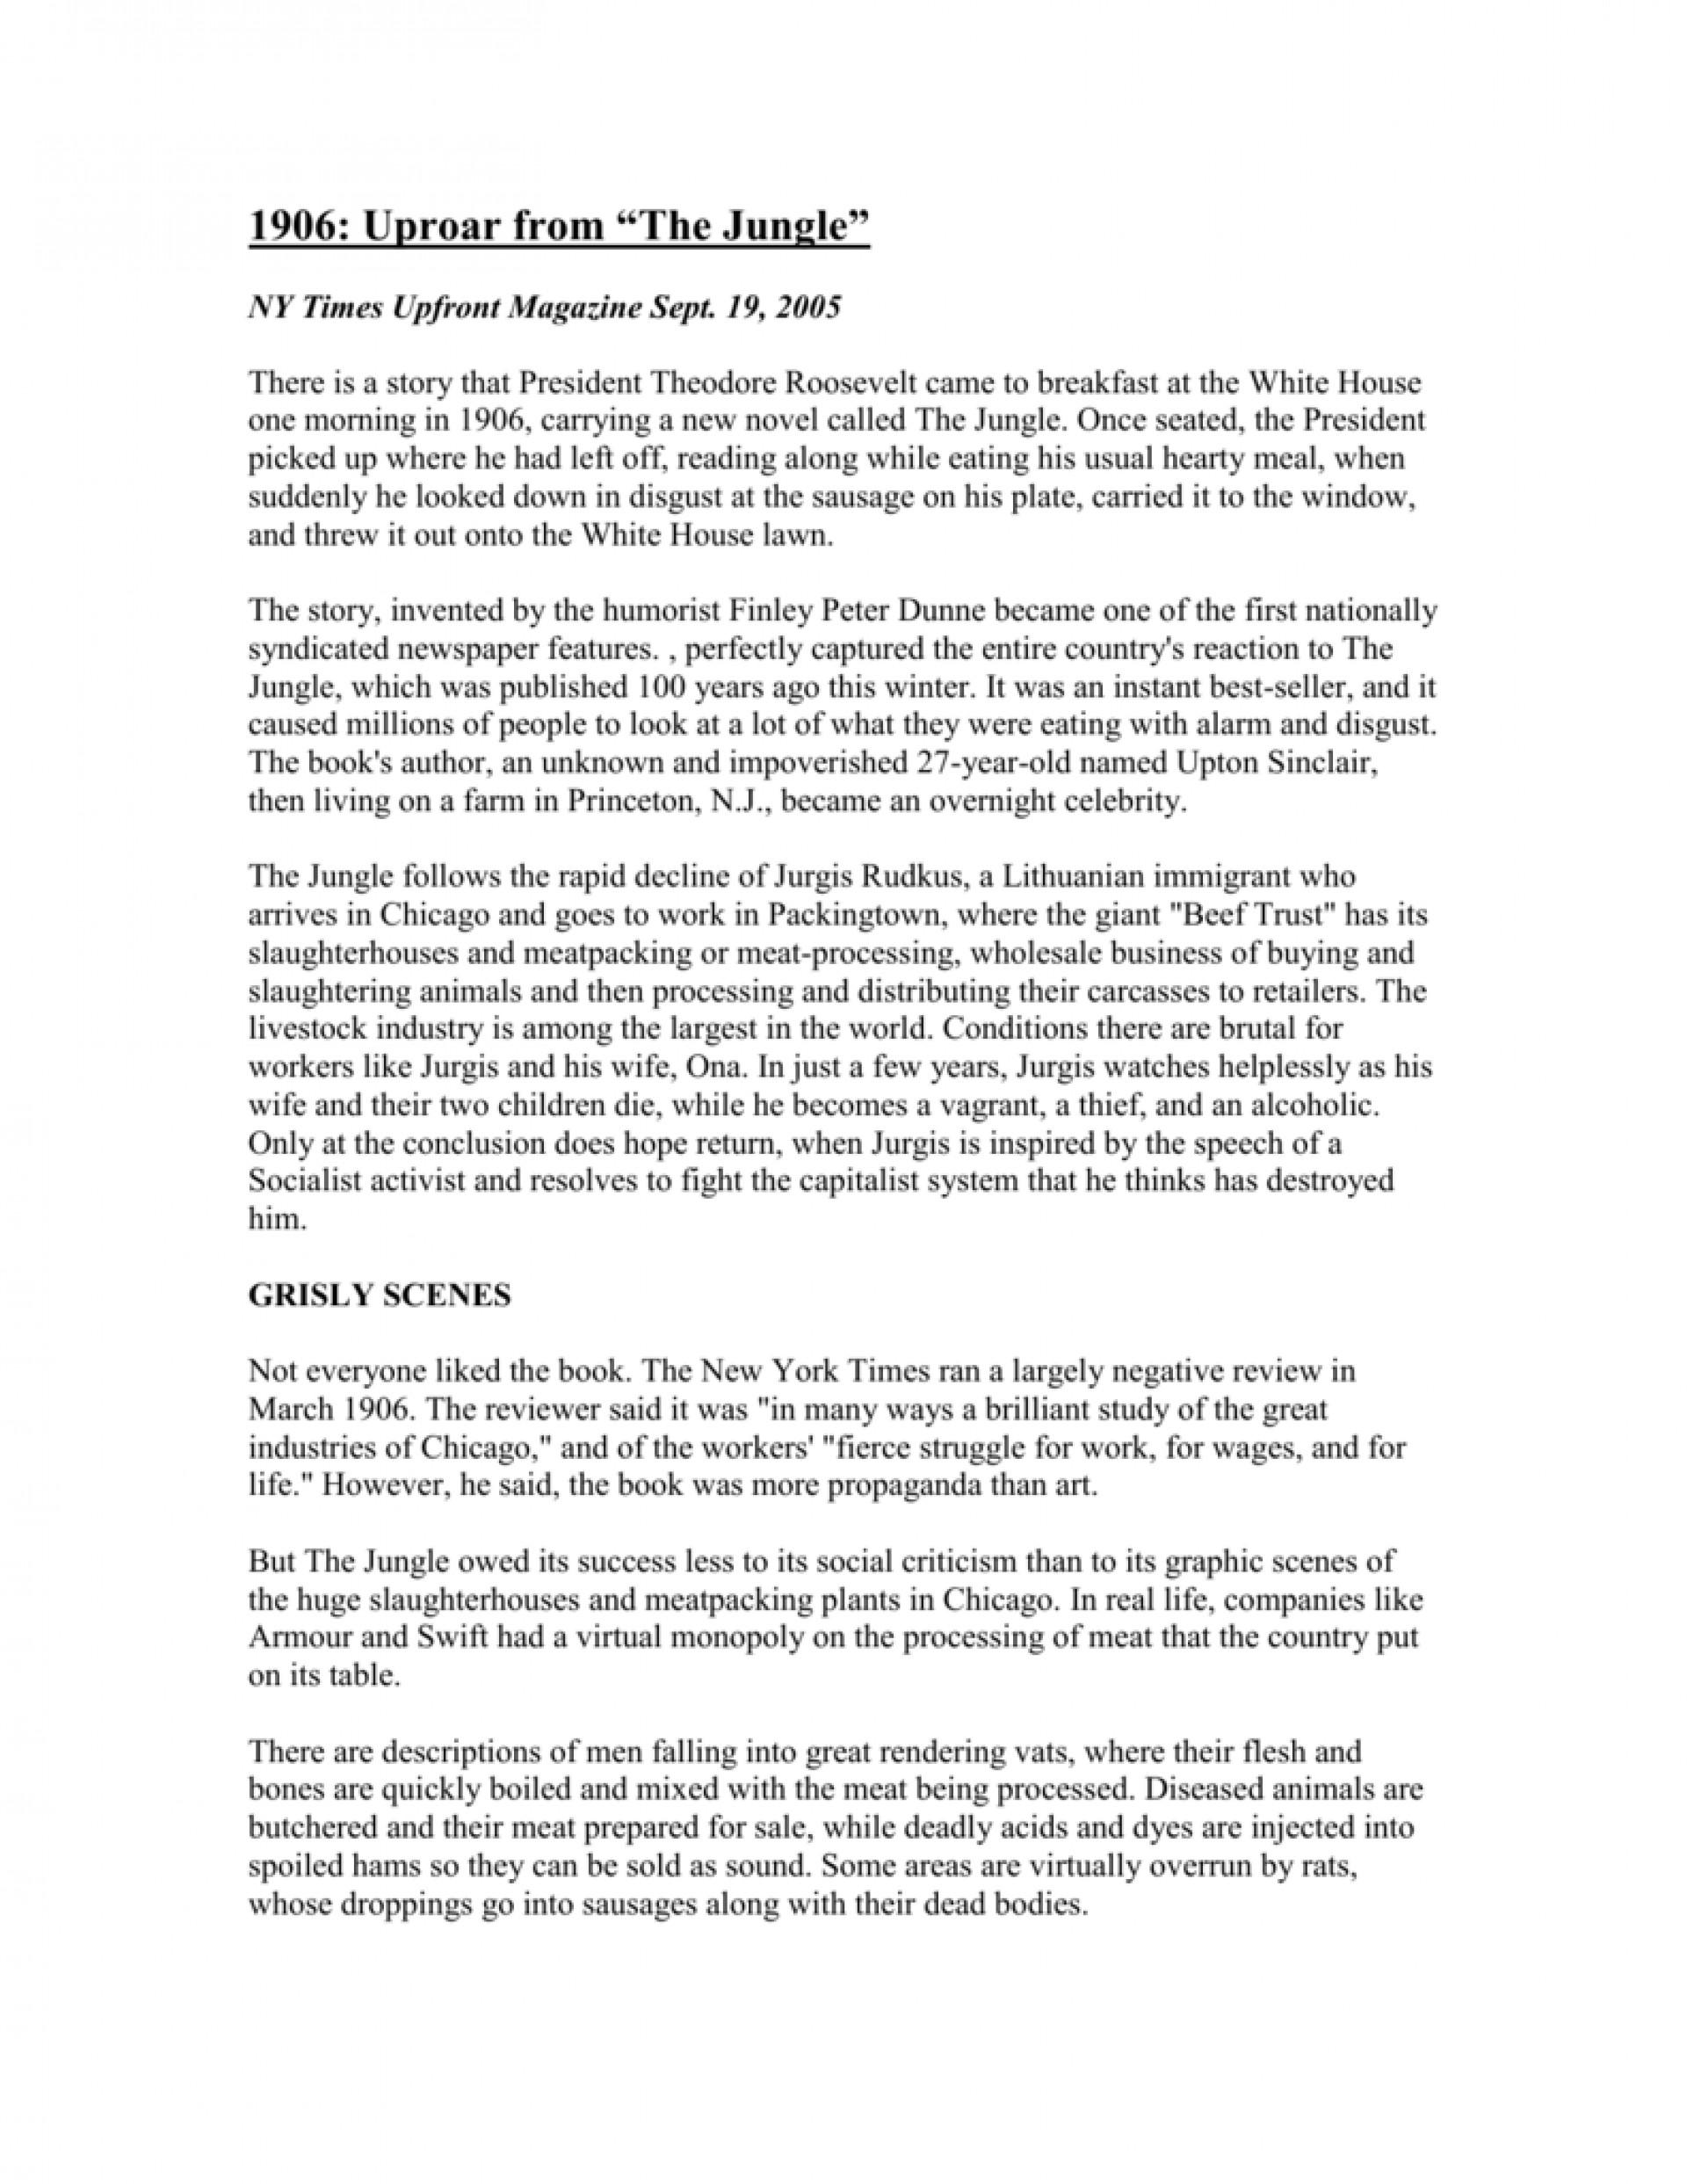 005 The Jungle Upton Sinclair Book Review Essay 007627924 2 Rare 1920